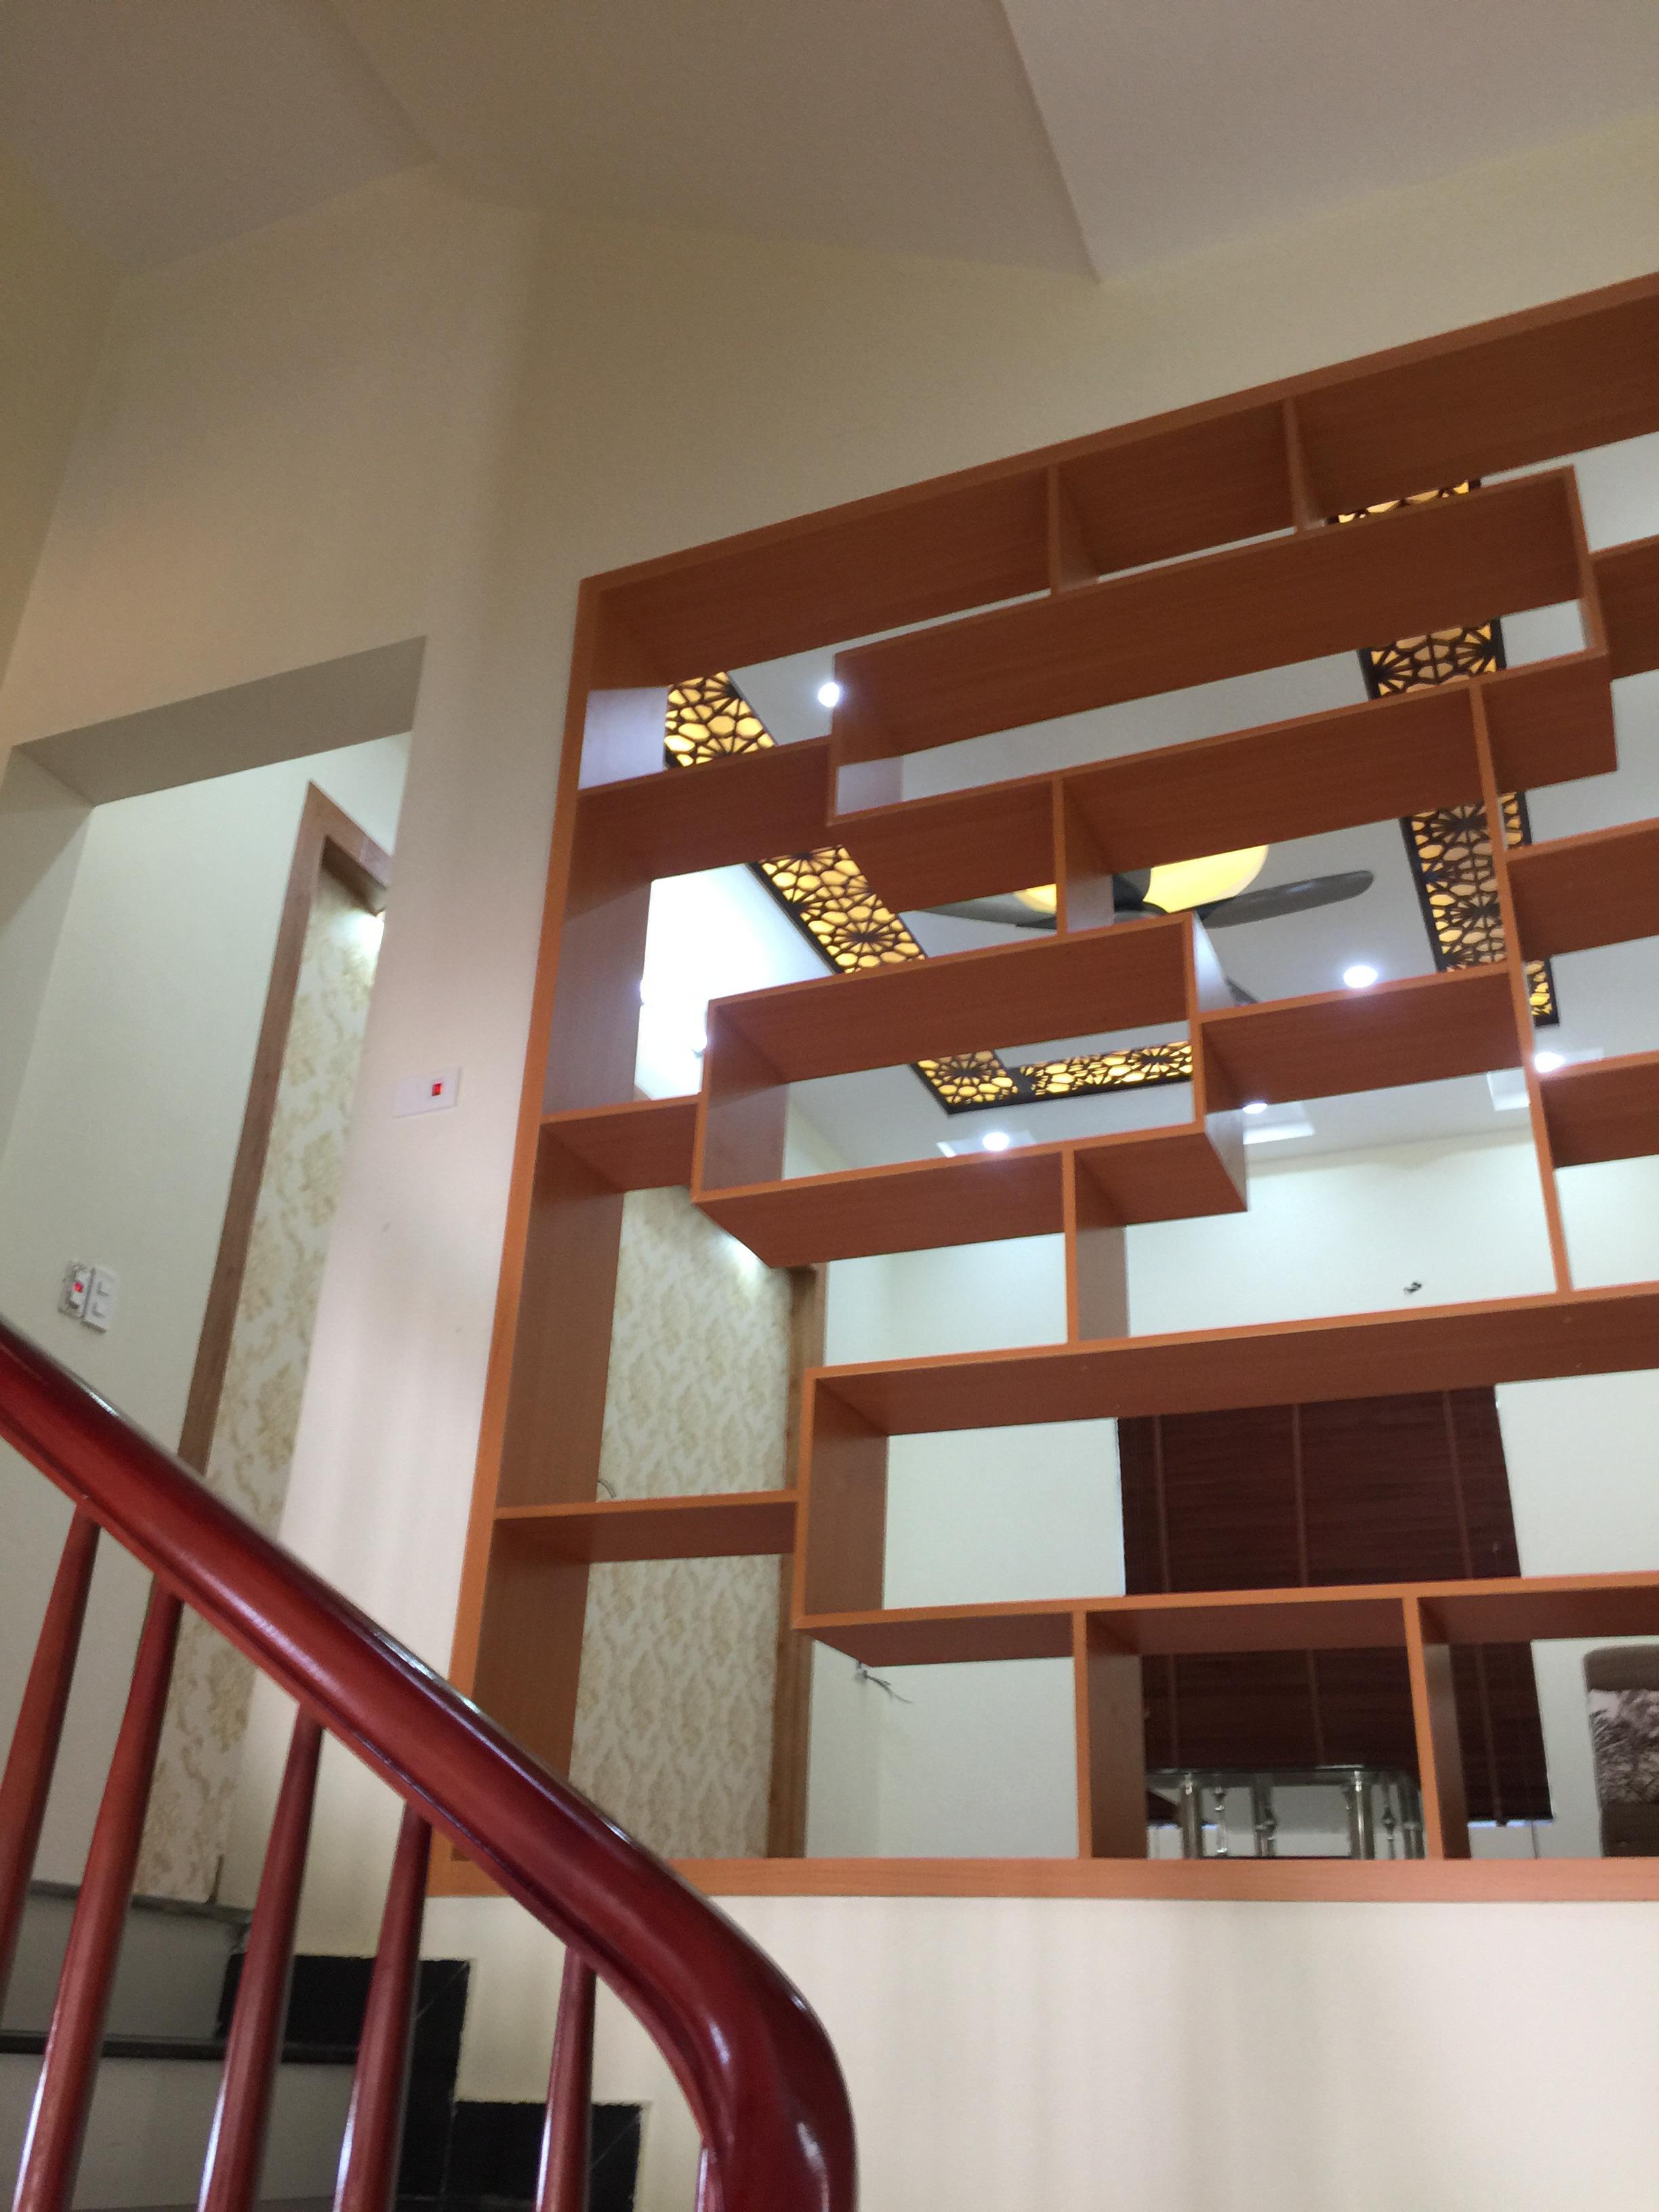 11 Bán nhà 4 tầng mới đẹp trong khu đô thị Tây nam cường